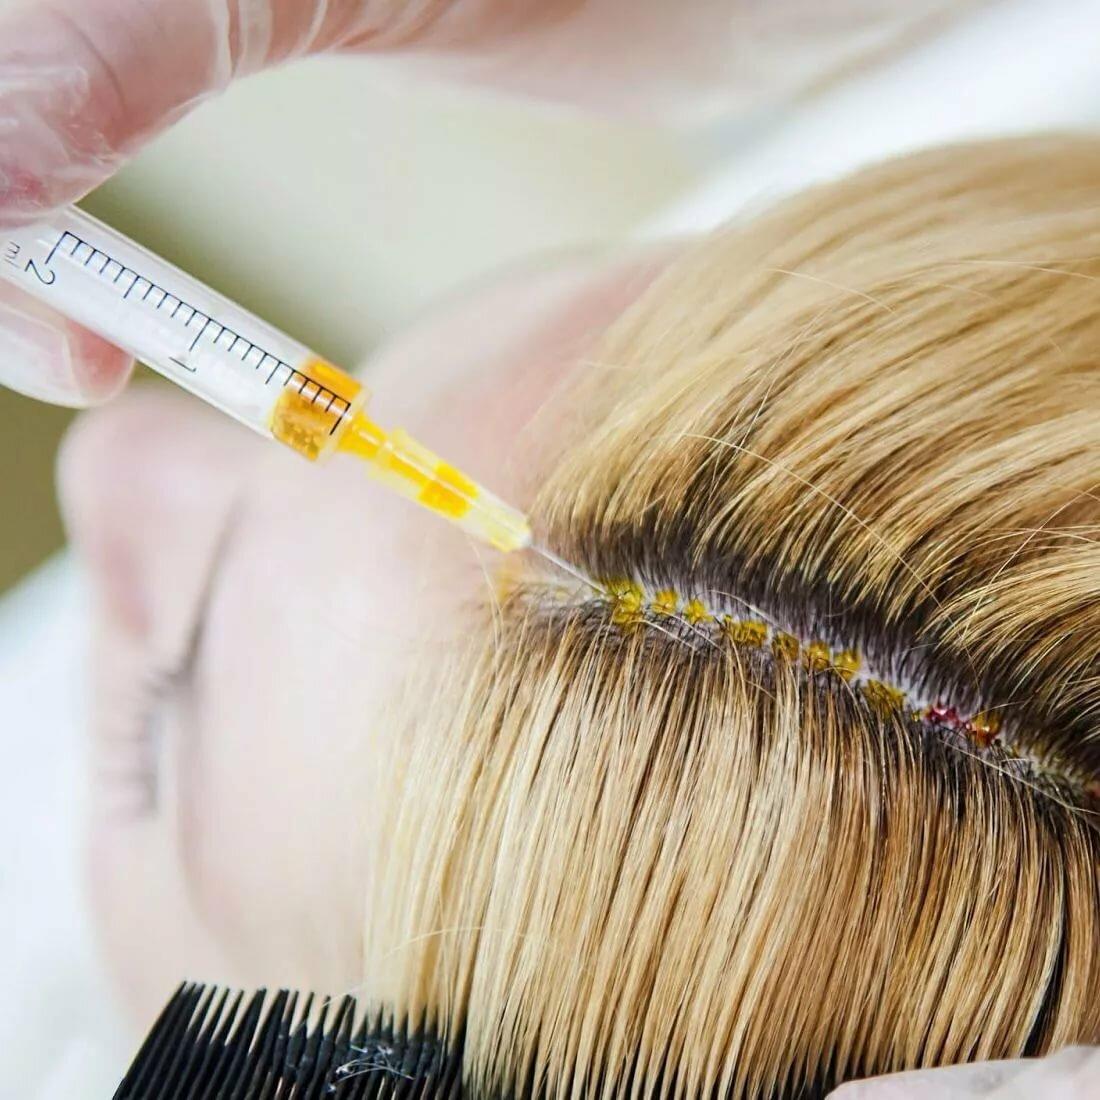 Мезотерапия при проблемах с волосами и кожей головы